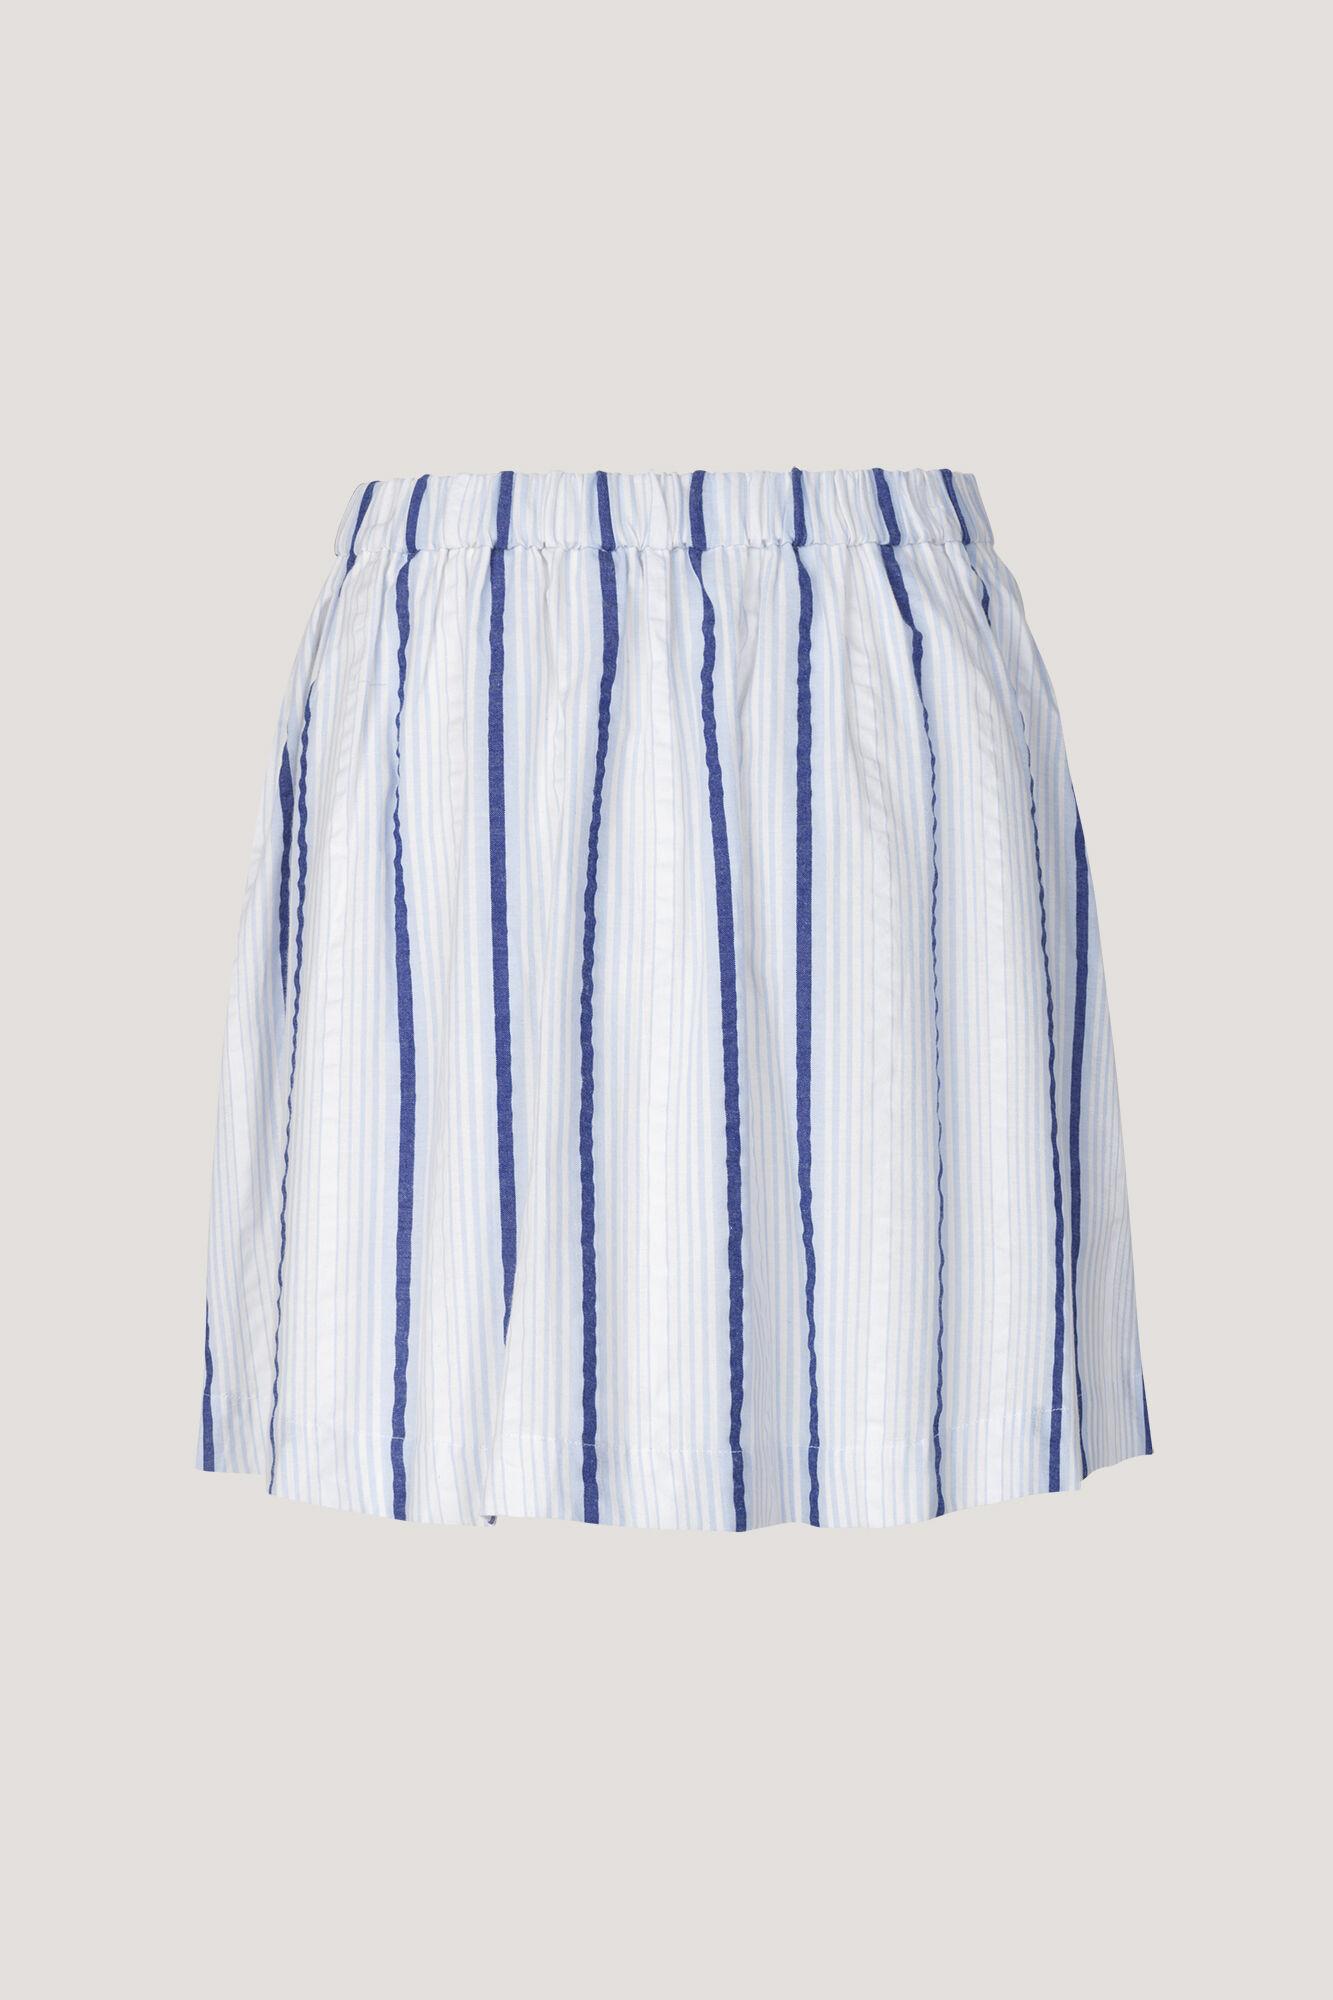 Ganda short skirt 10844